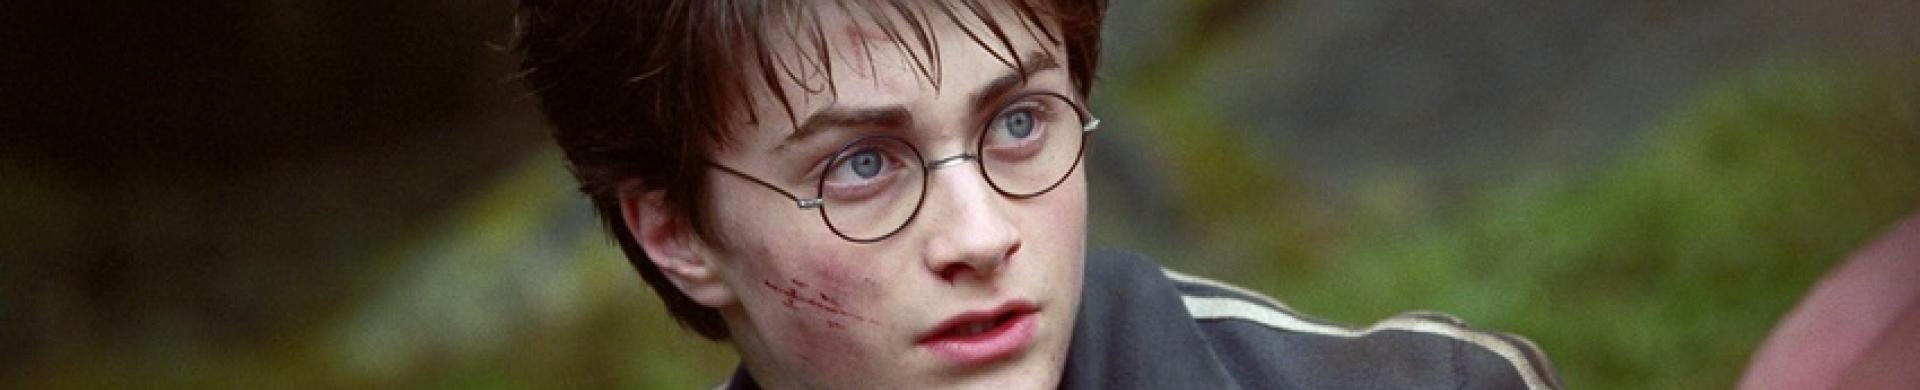 Harry Potter und der Gefangene von Askaban (c) WarnerBros